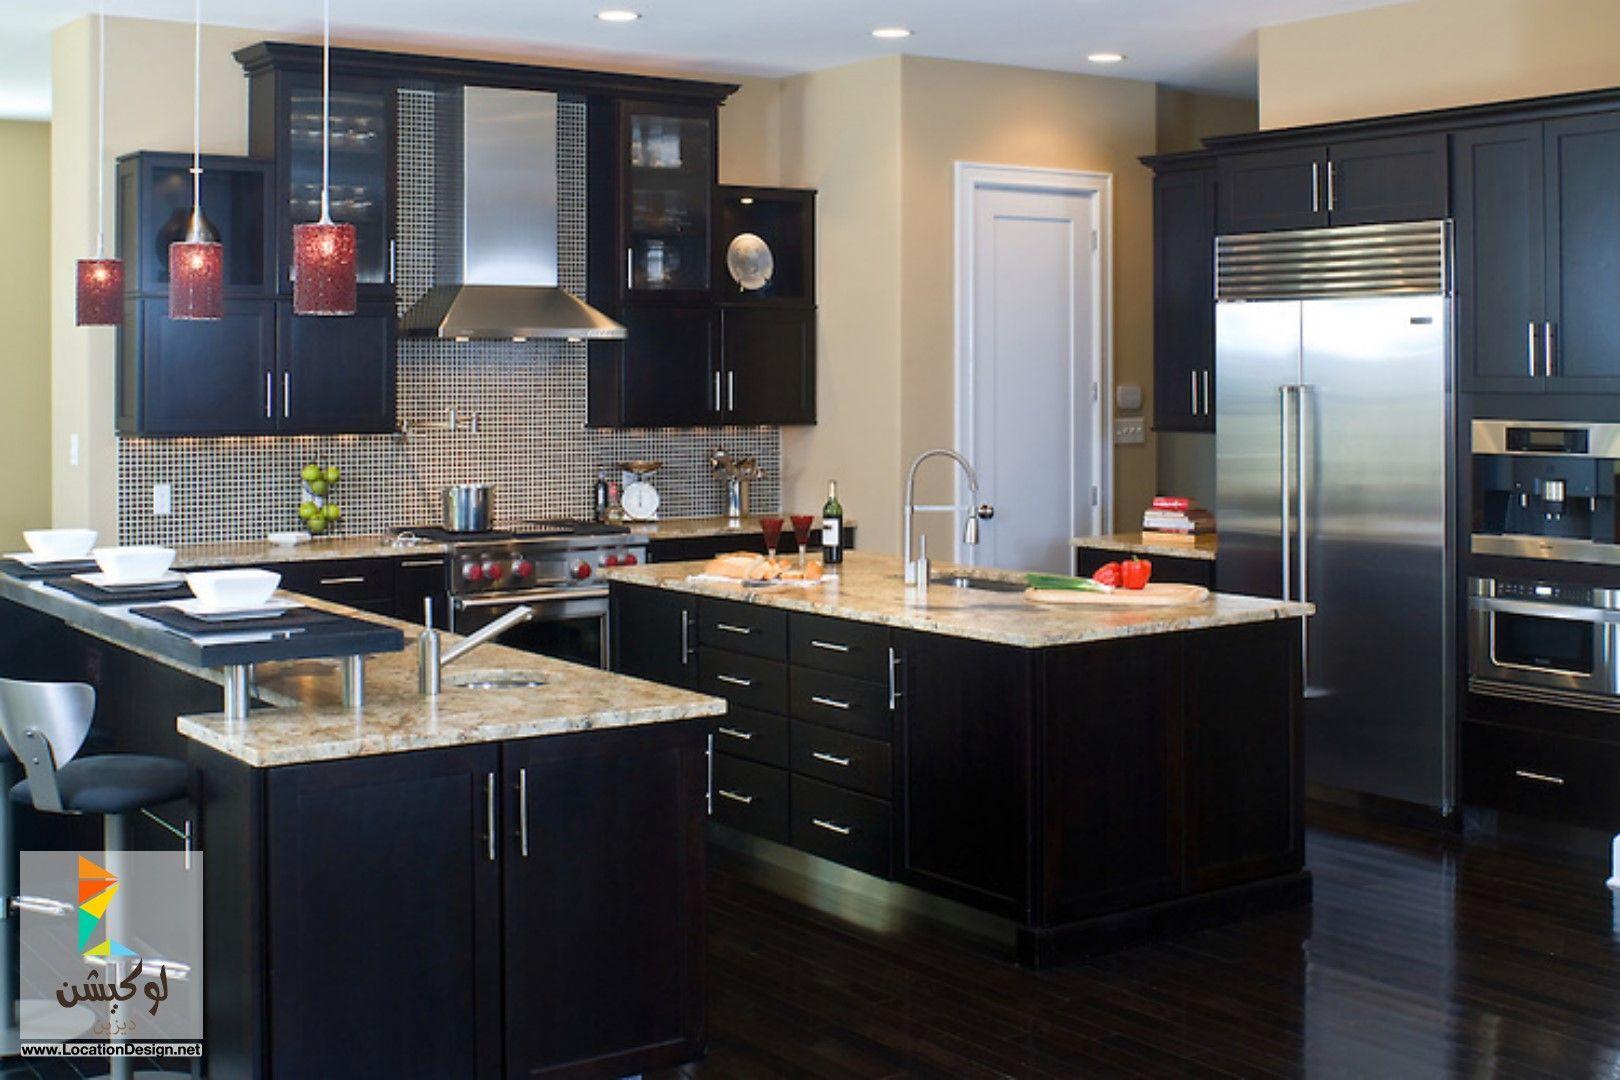 مطابخ صغيرة خشمونيوم Cheap Kitchen Cabinets Dark Kitchen Cabinets Kitchen Design Ideas Dark Cabinets